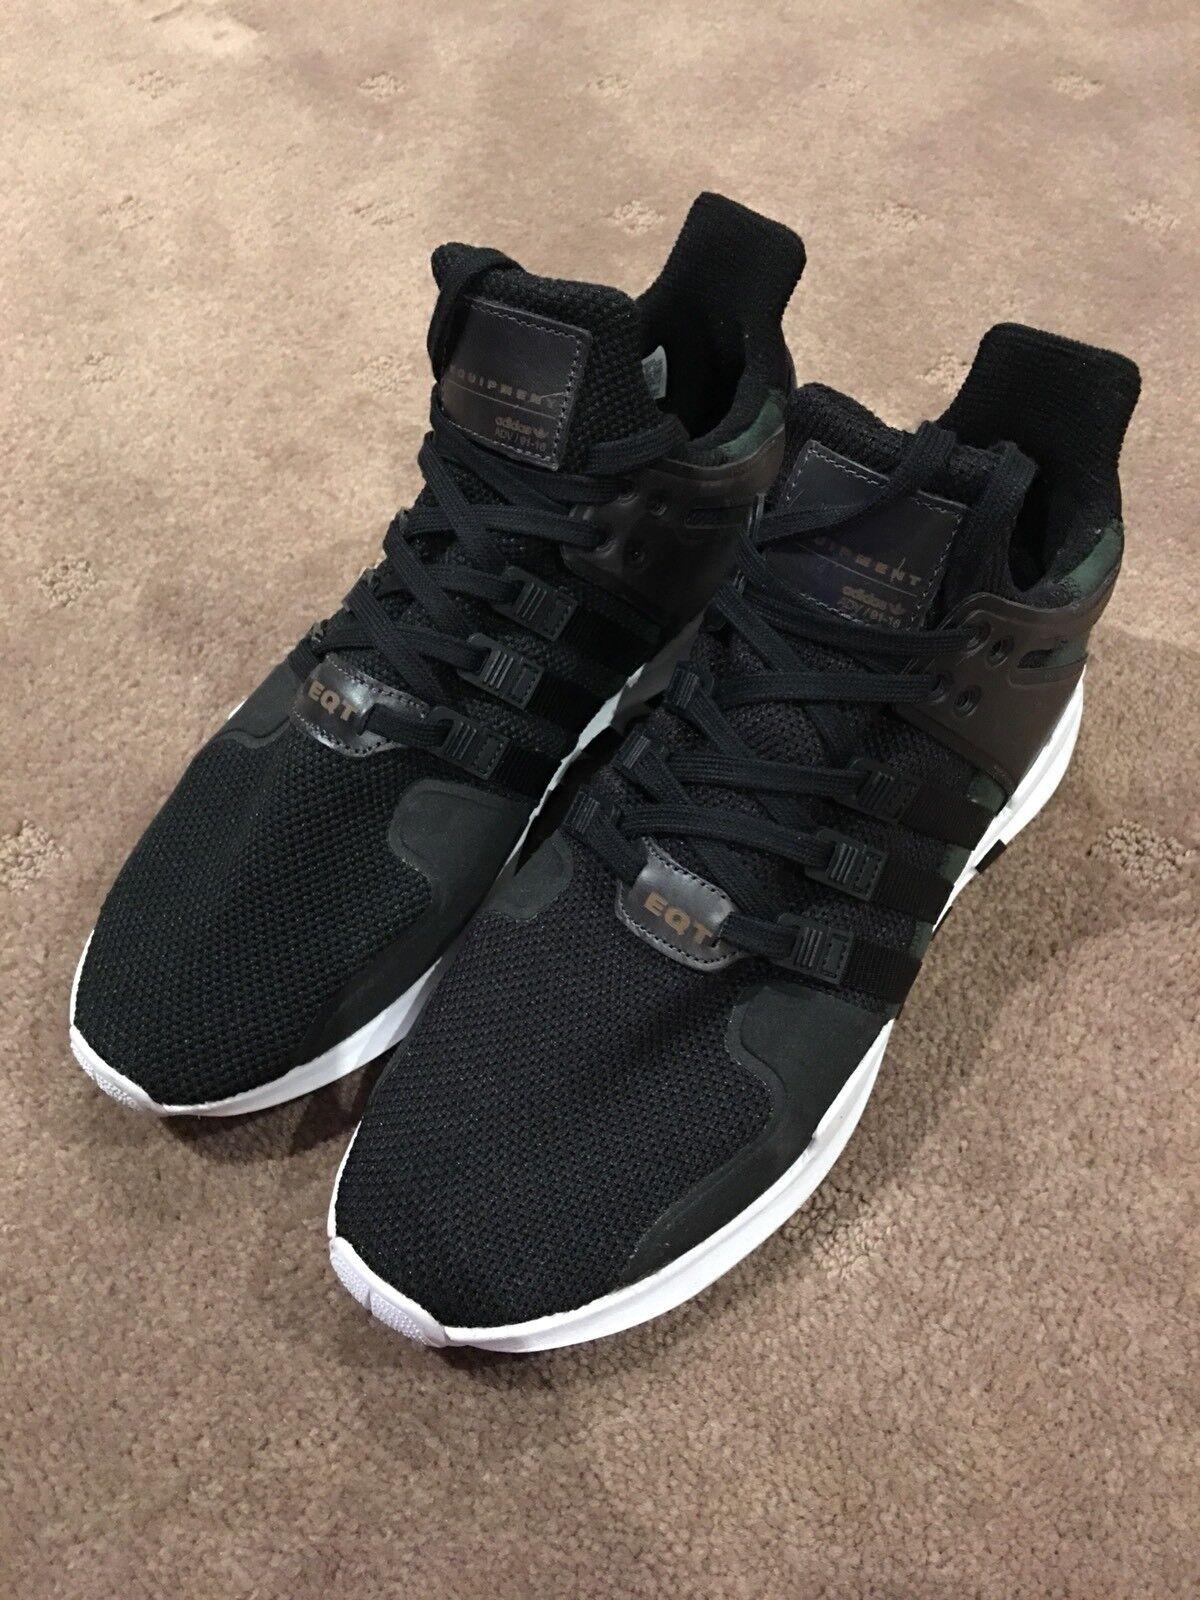 separation shoes 2146a f6d87 adidas originaux eqt soutenir adv chaussures chaussures chaussures noir  blanc taille 11 7f3058